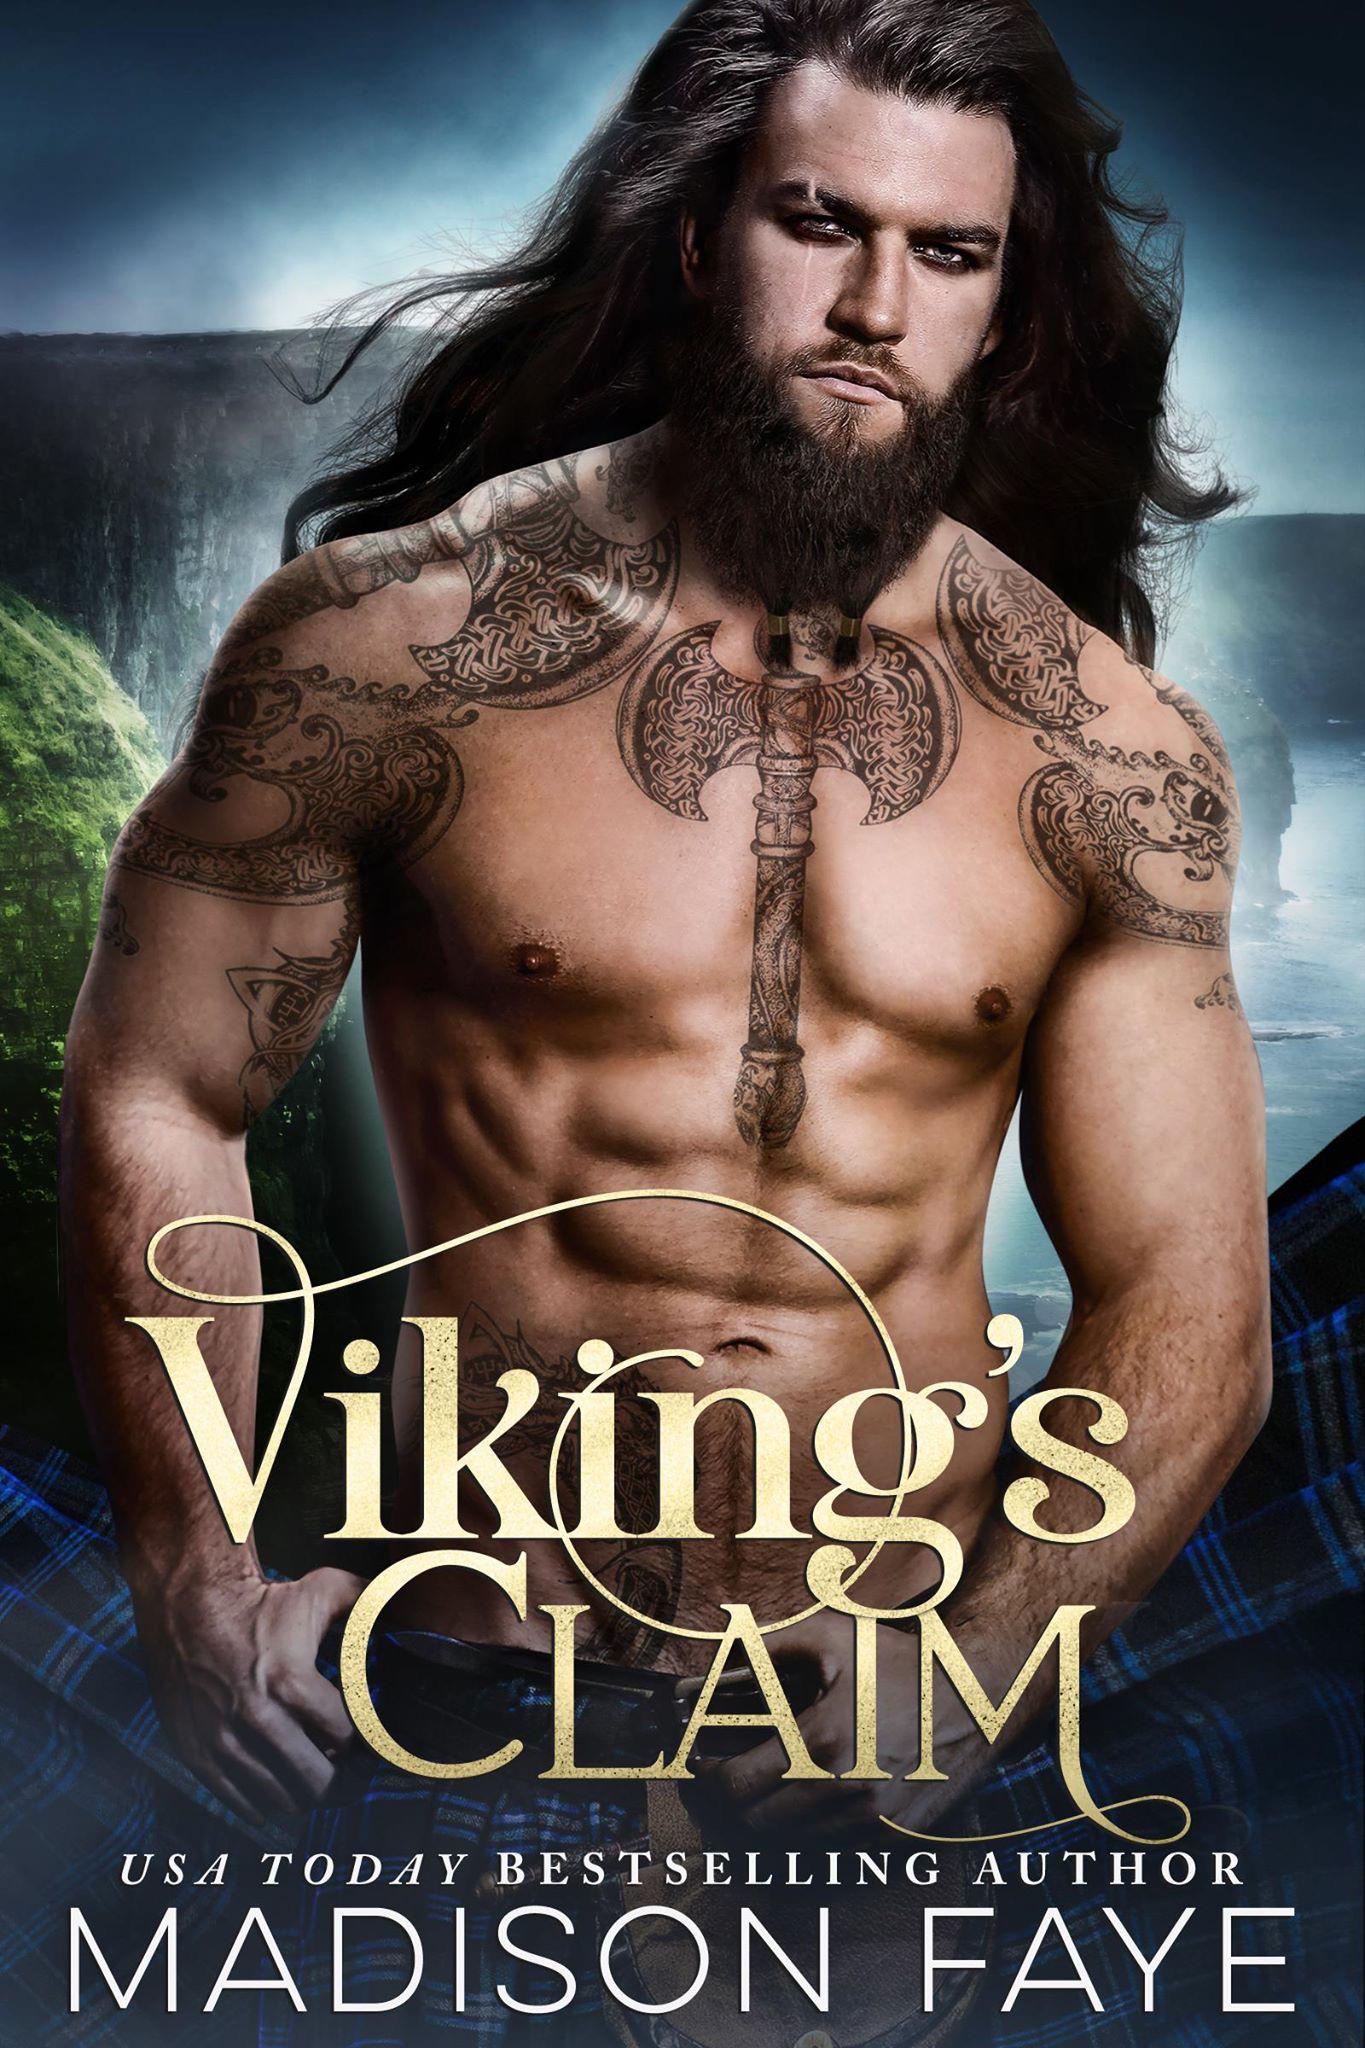 VIKING'S CLAIM